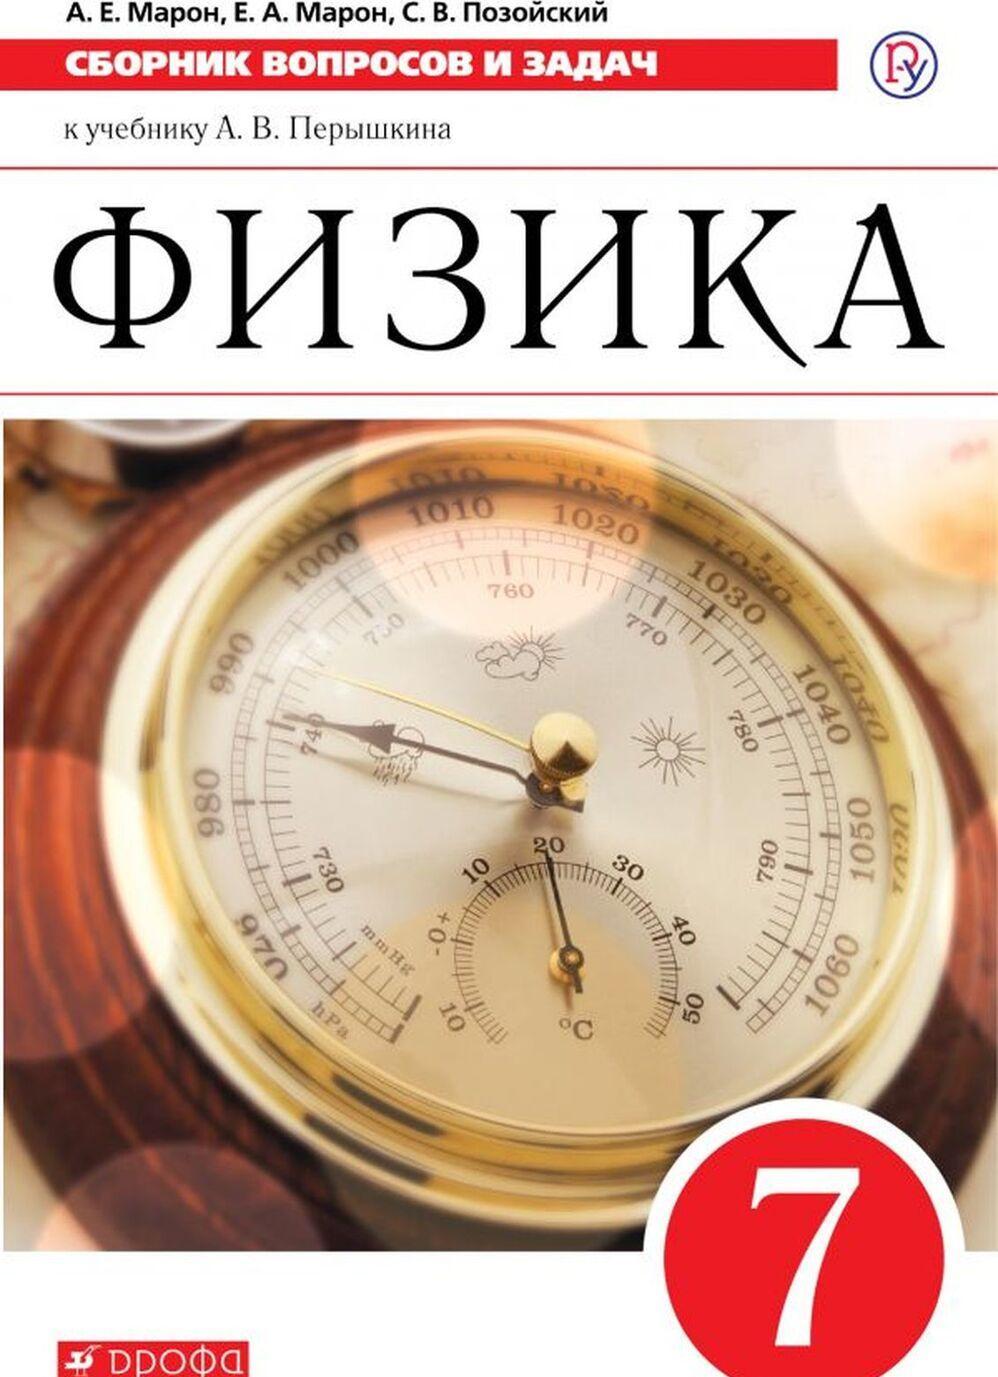 Fizika. 7 klass. Sbornik voprosov i zadach k uchebniku A.V. Peryshkina Podrobnee: https://www.labirint.ru/books/444627/